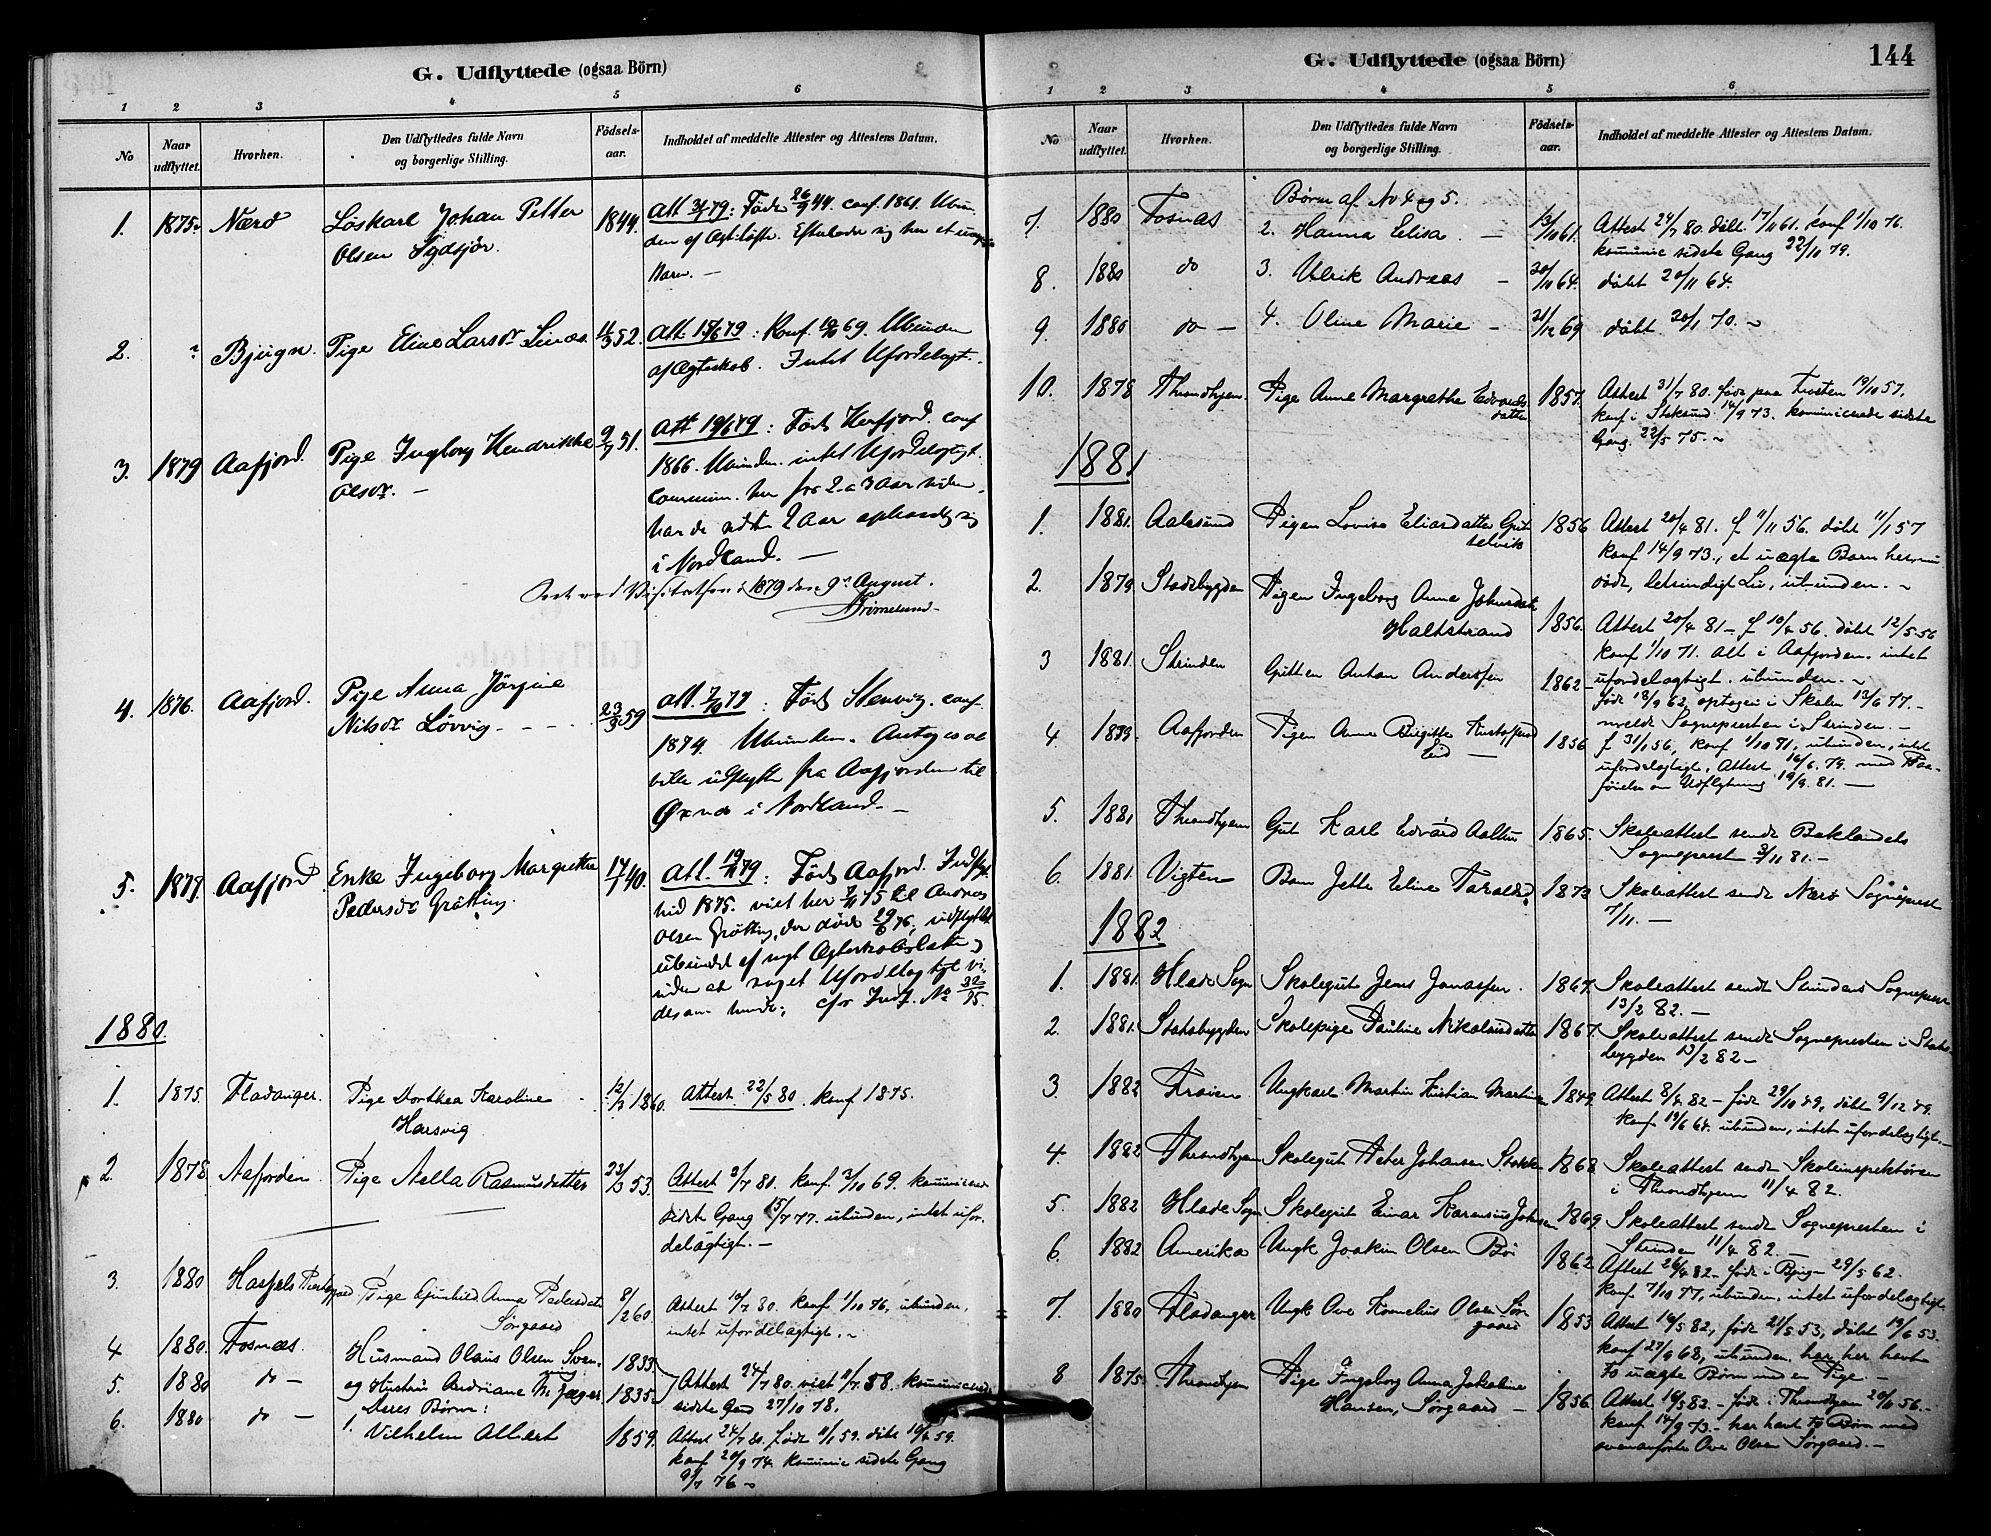 SAT, Ministerialprotokoller, klokkerbøker og fødselsregistre - Sør-Trøndelag, 656/L0692: Ministerialbok nr. 656A01, 1879-1893, s. 144